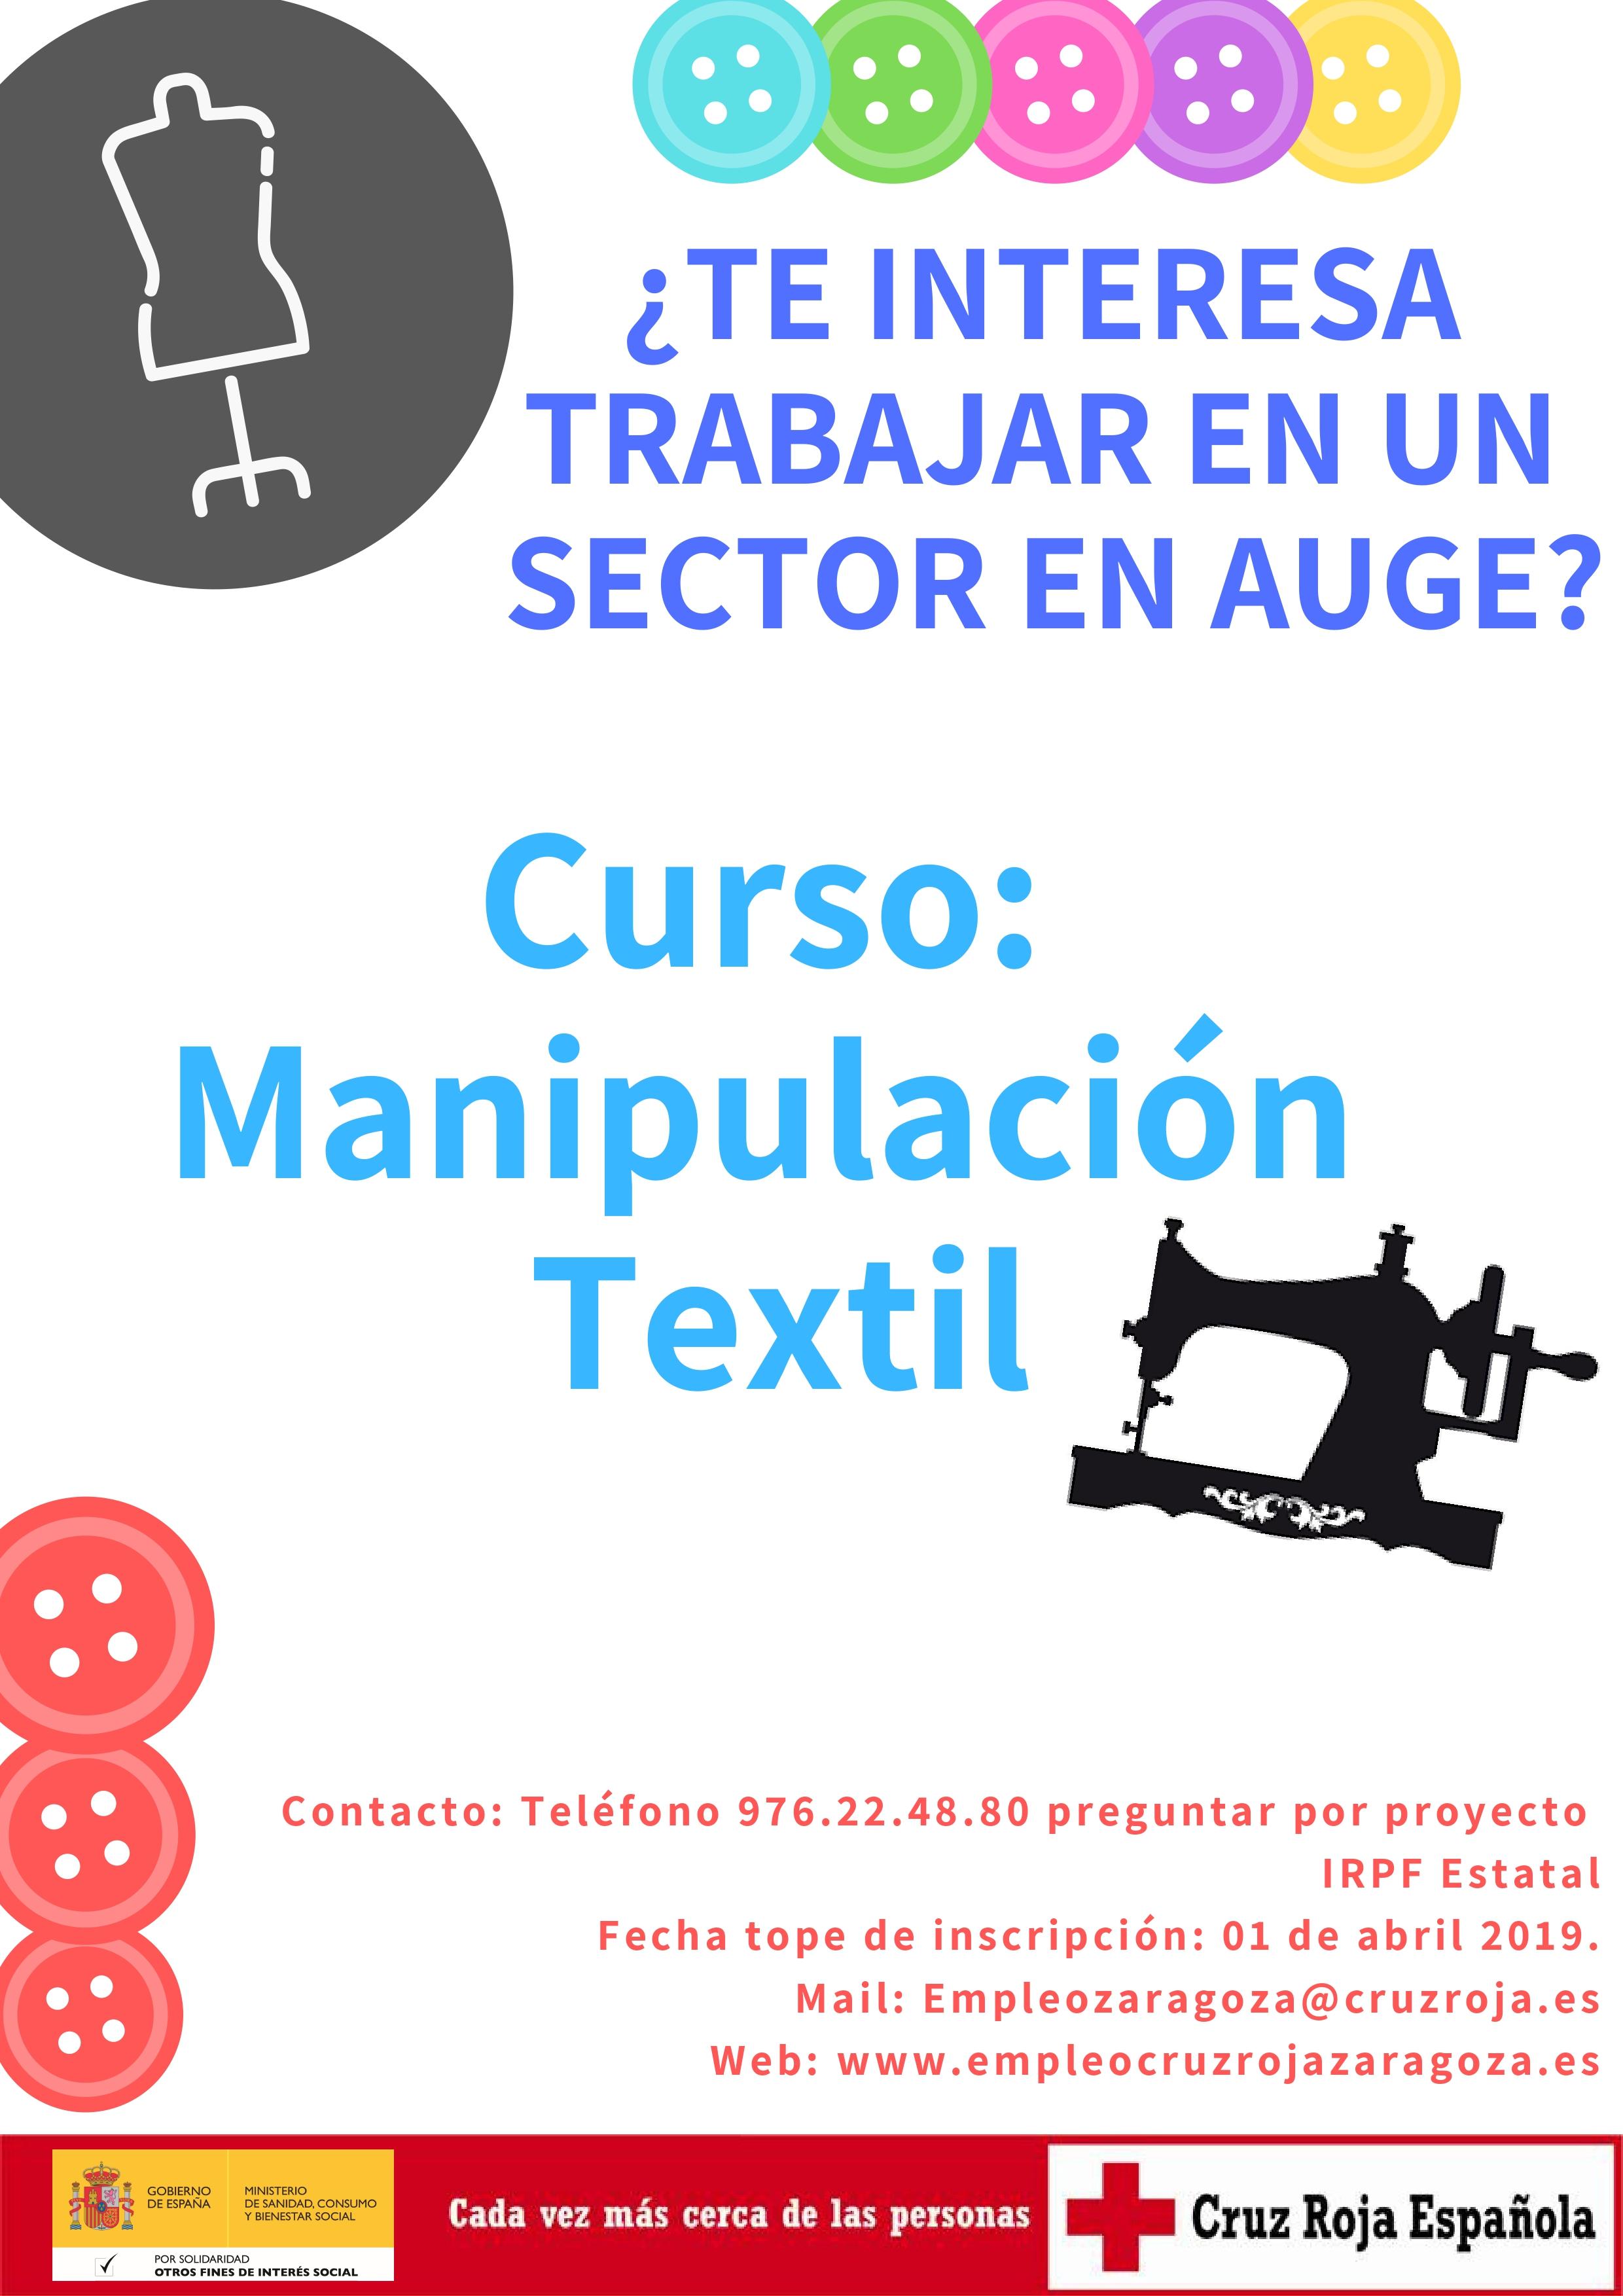 Curso de manipulación textil